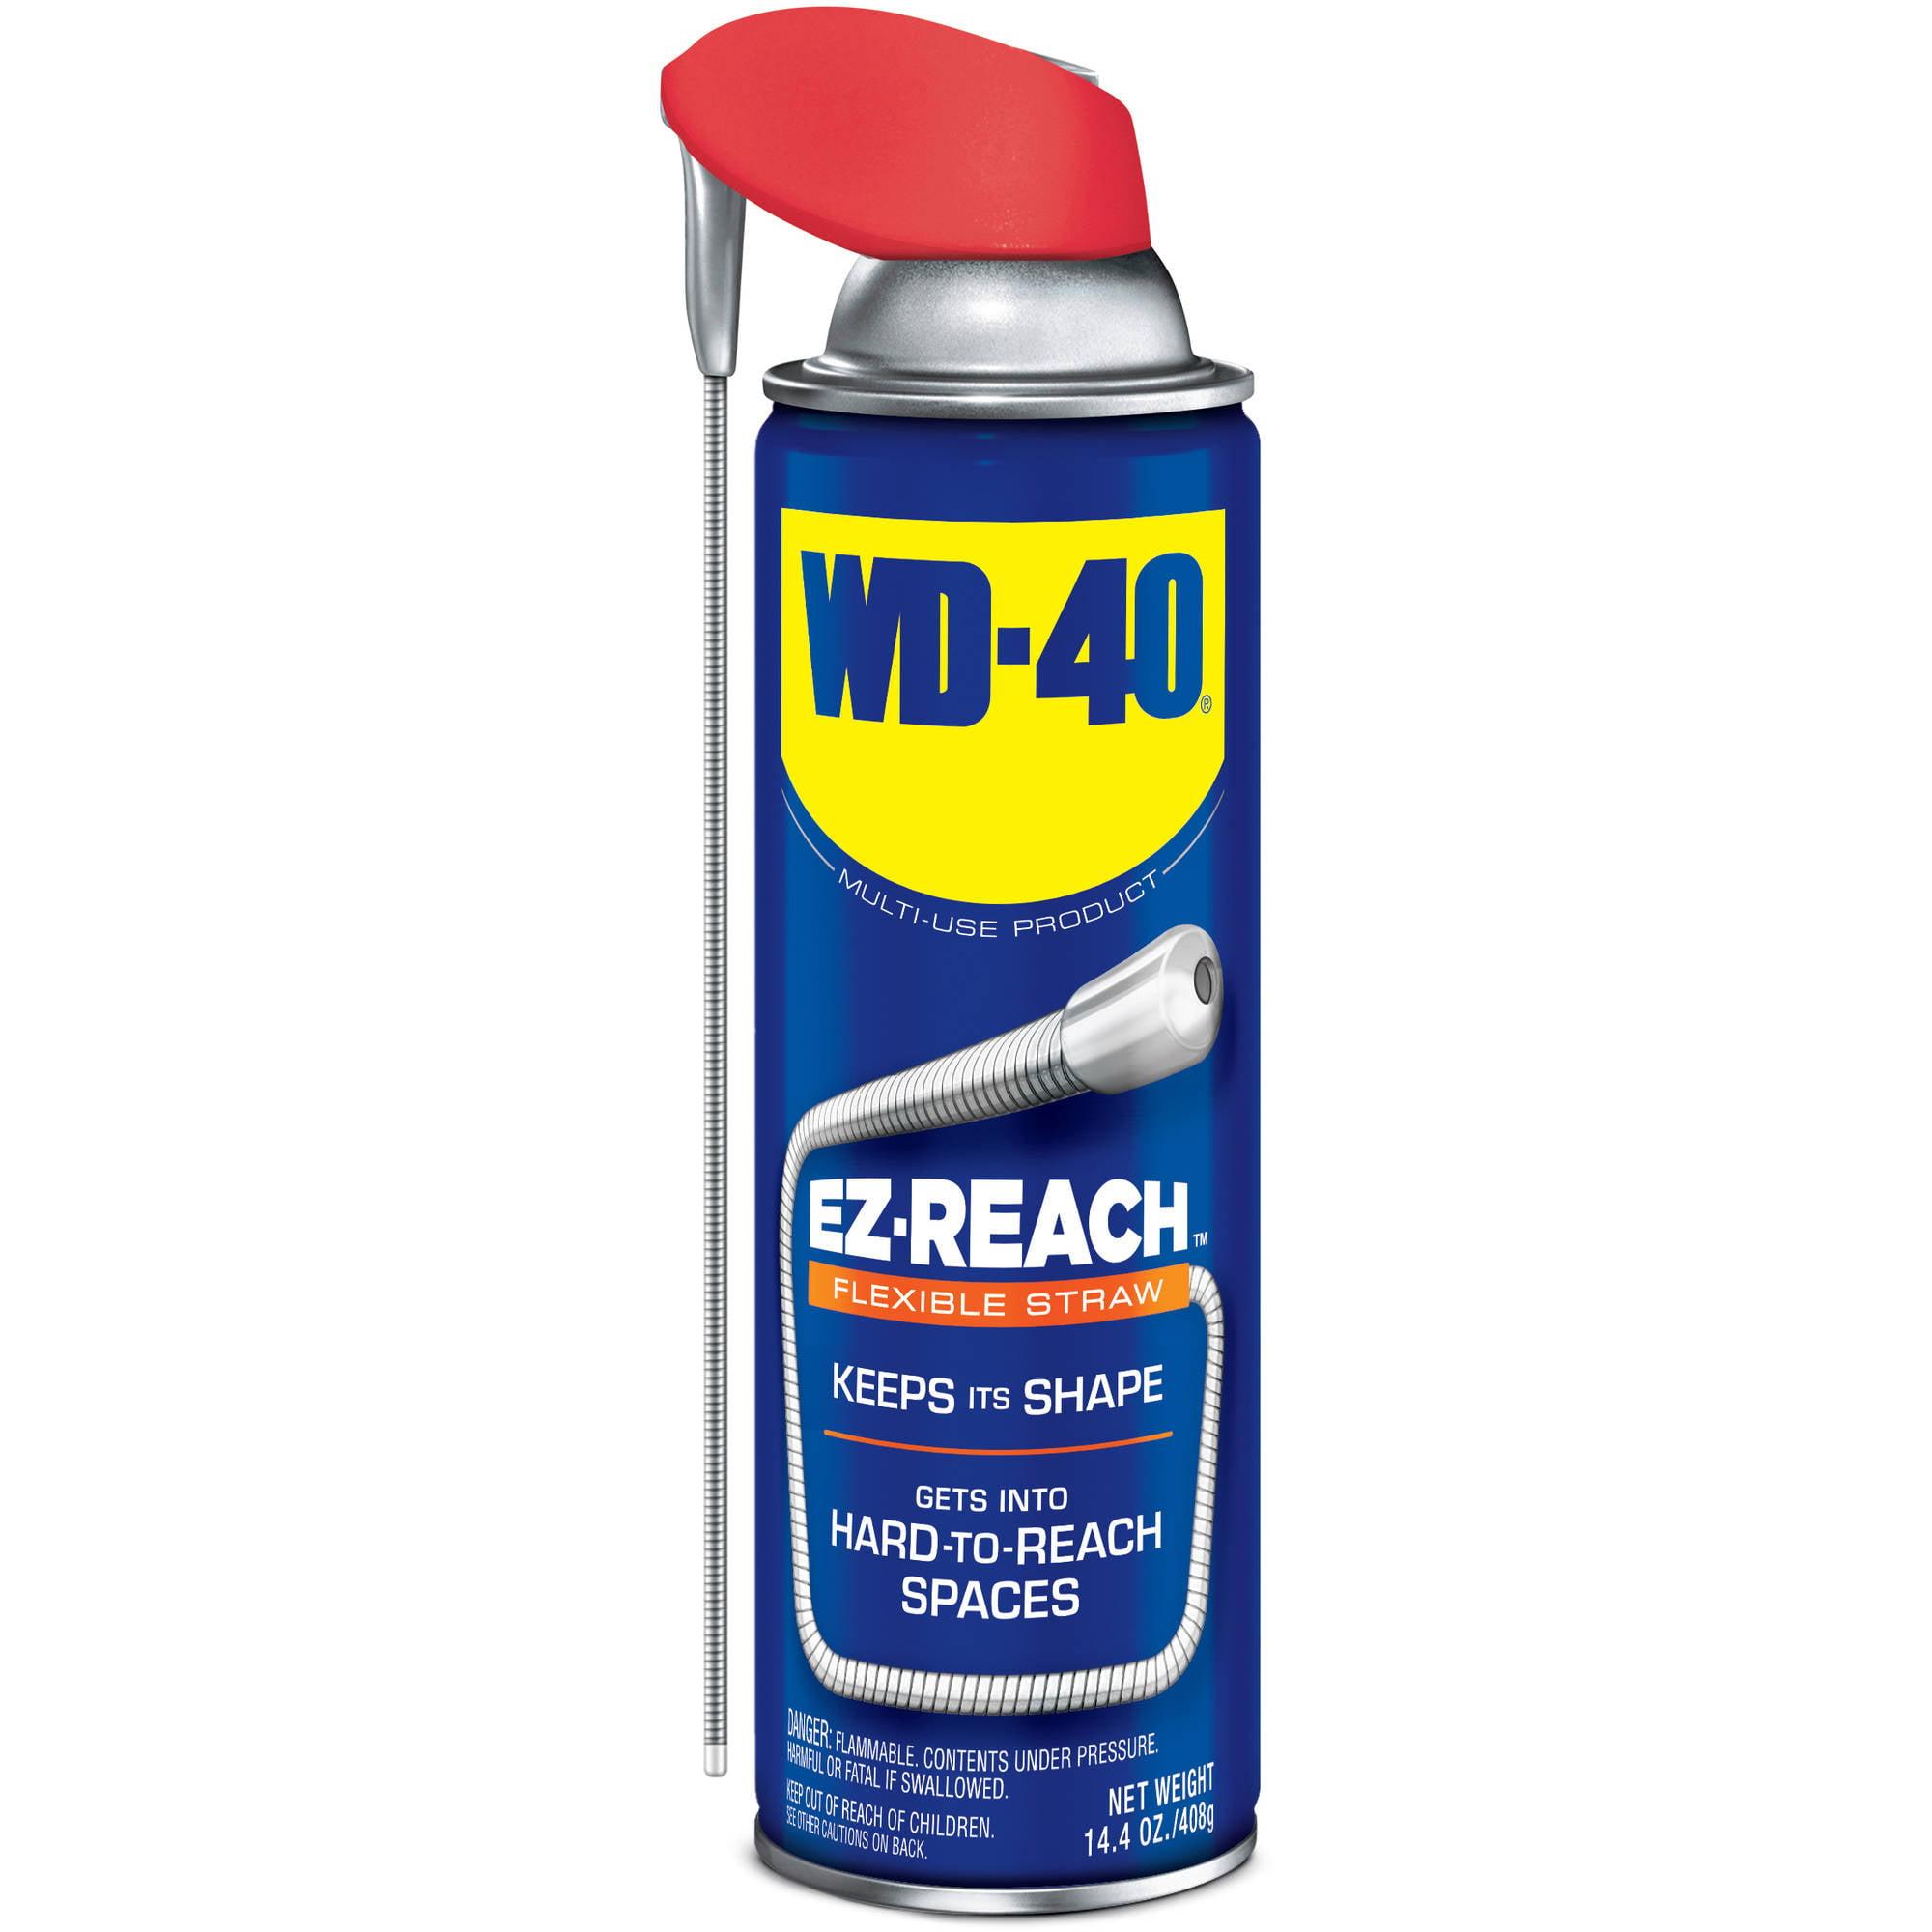 WD-40 14.4 oz EZ-REACH with Flexible Straw